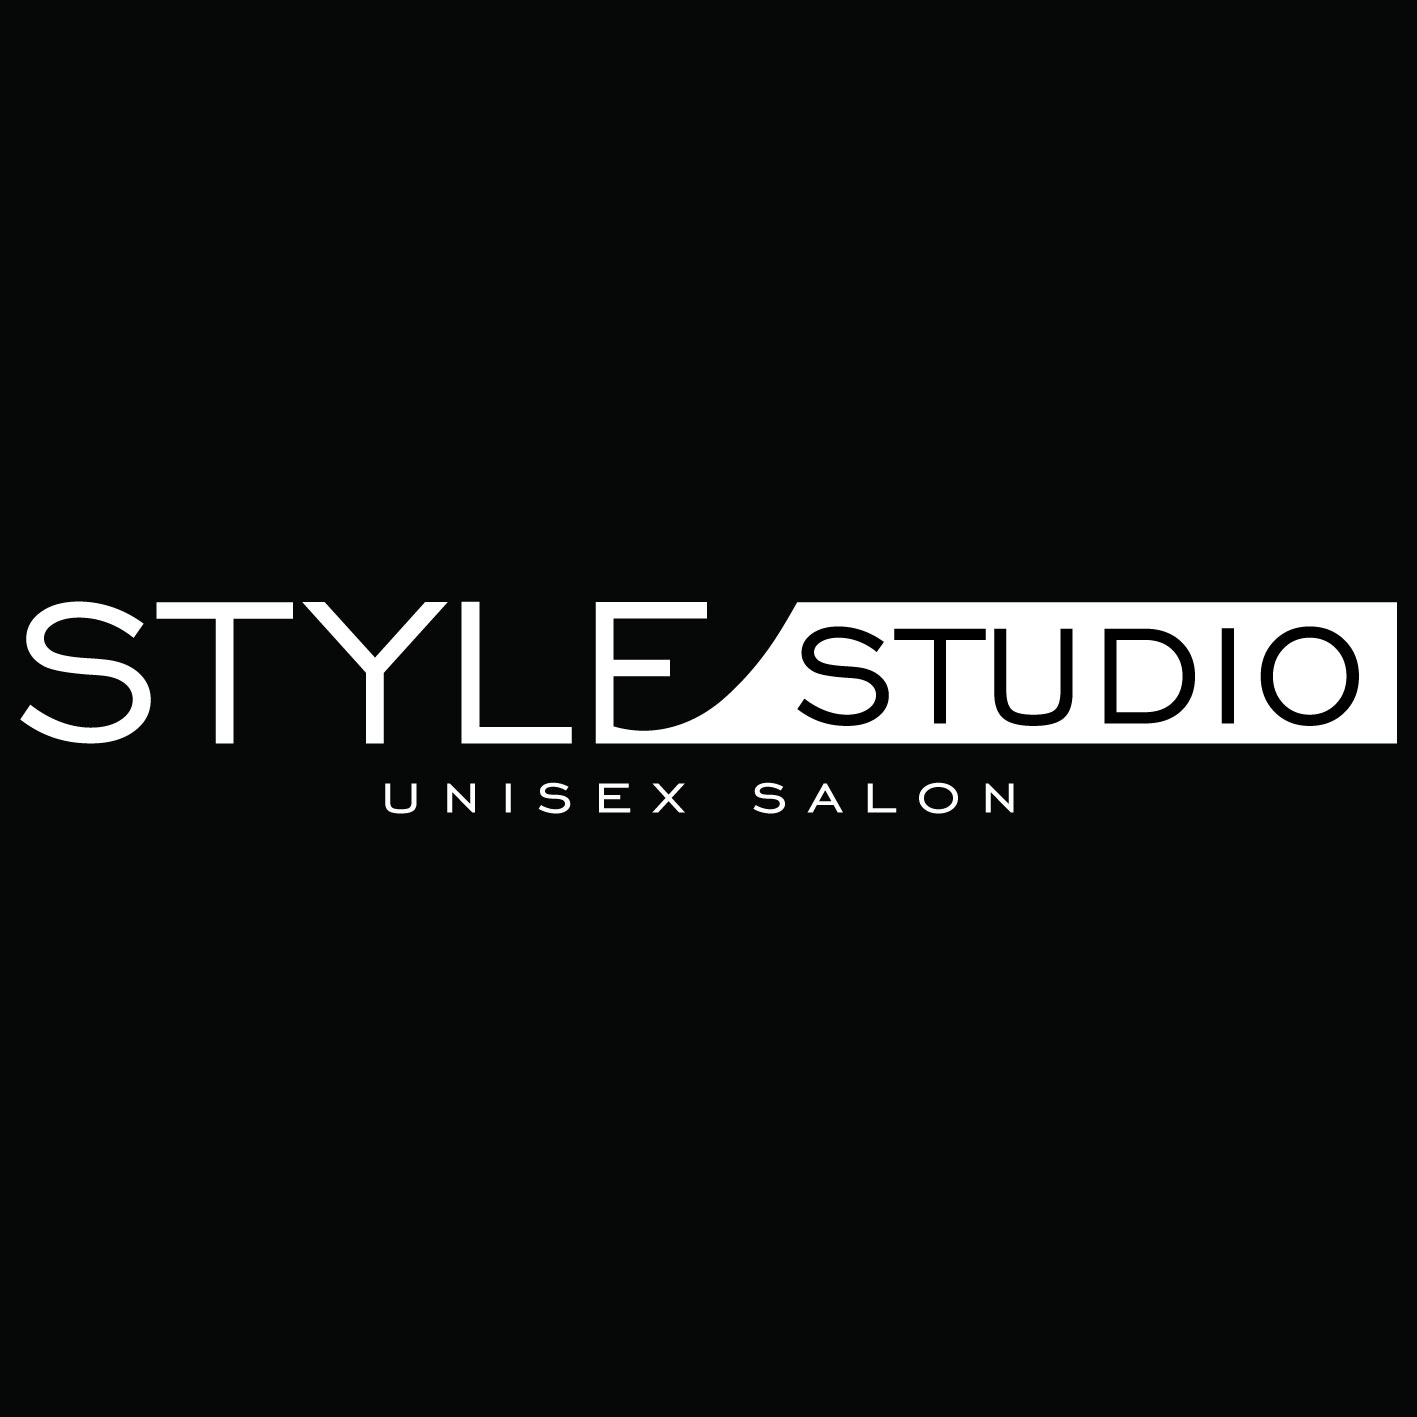 Stylestudio